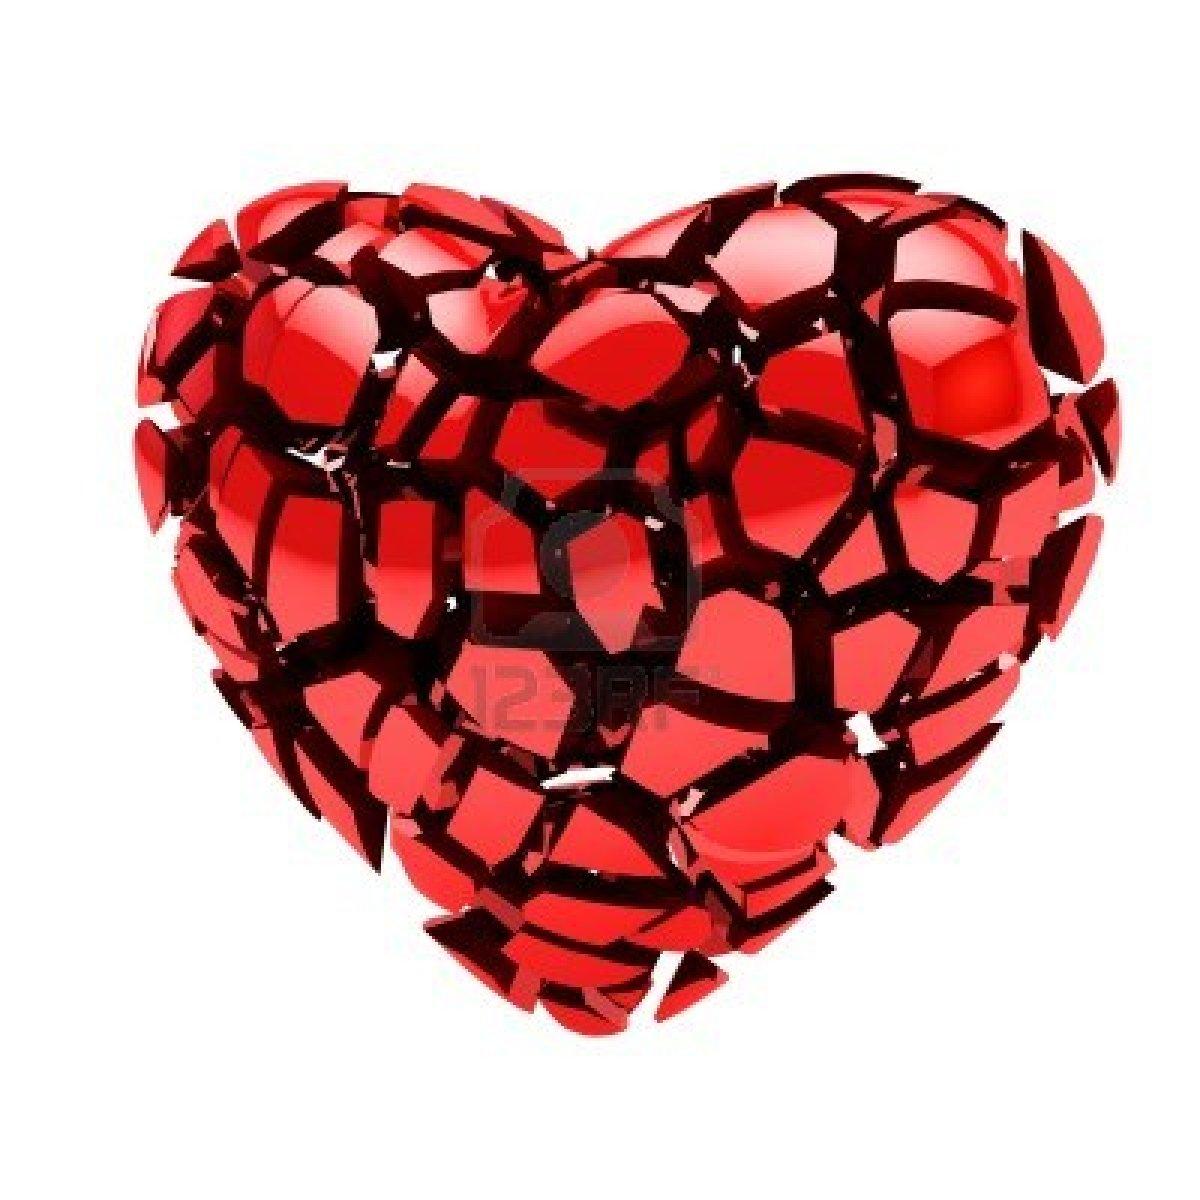 Cápsulas de Salud y Bienestar: Síndrome del Corazón Roto